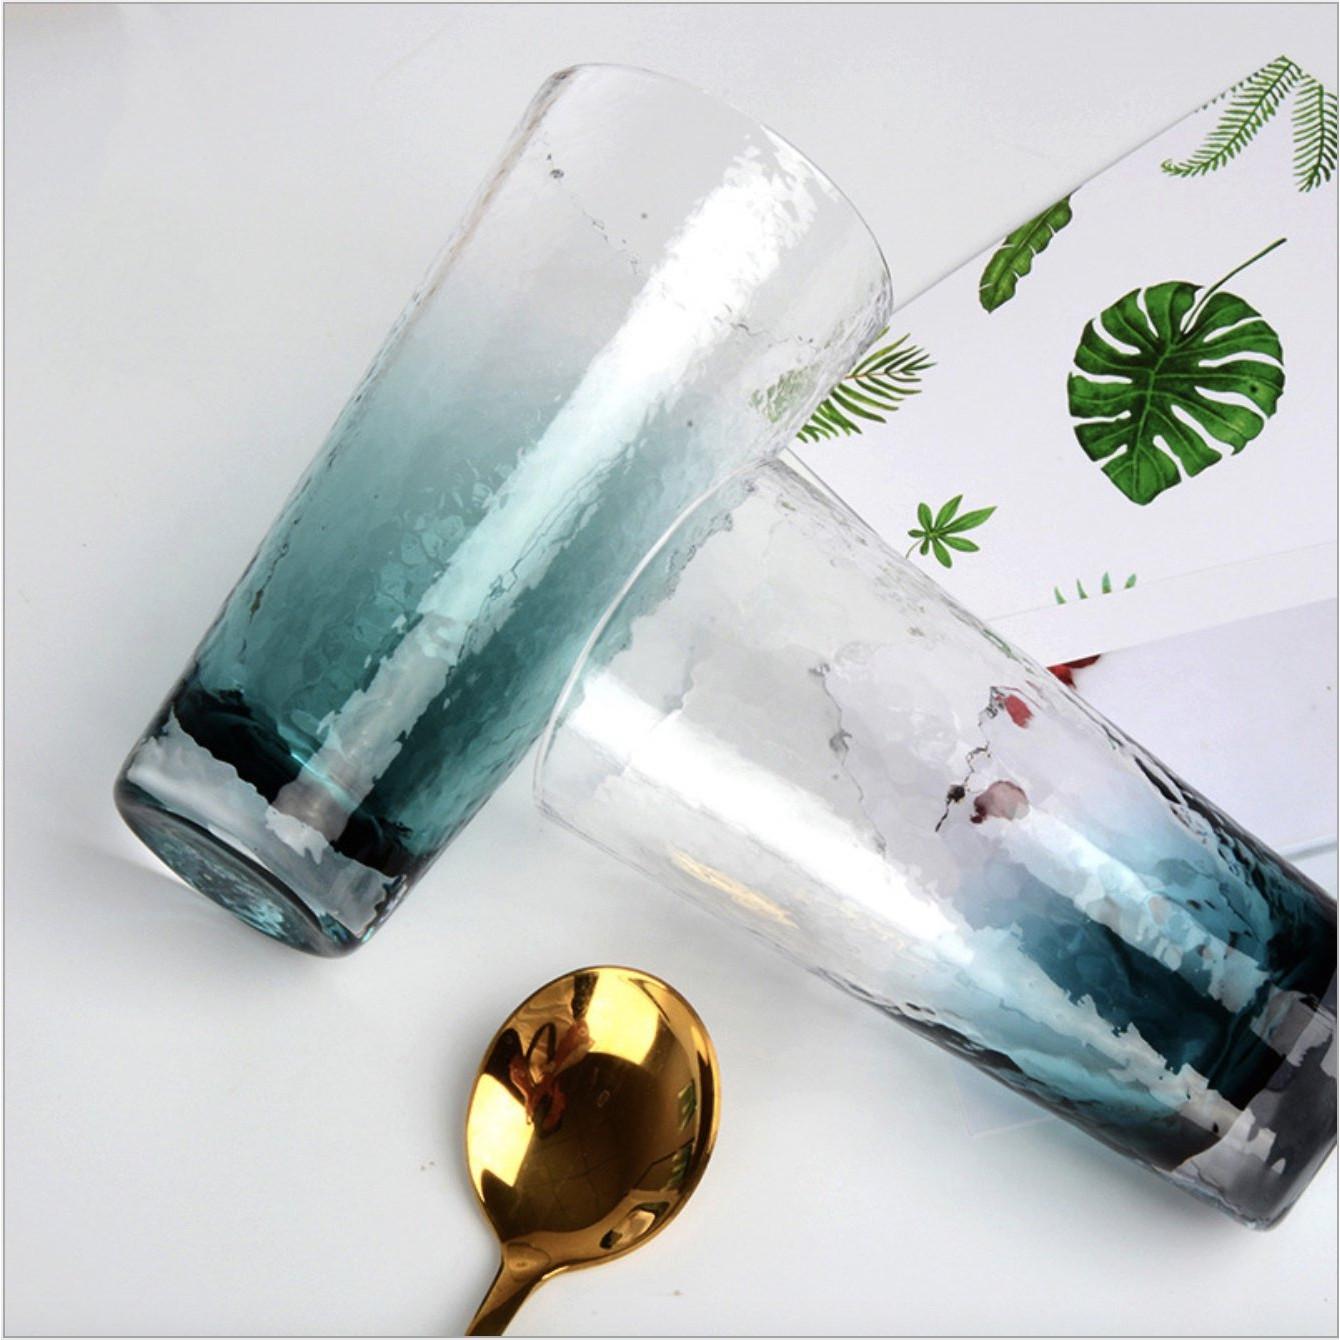 LY thuỷ tinh uống nước hoạ tiết đẹp mắt 3-D-A16-T2207